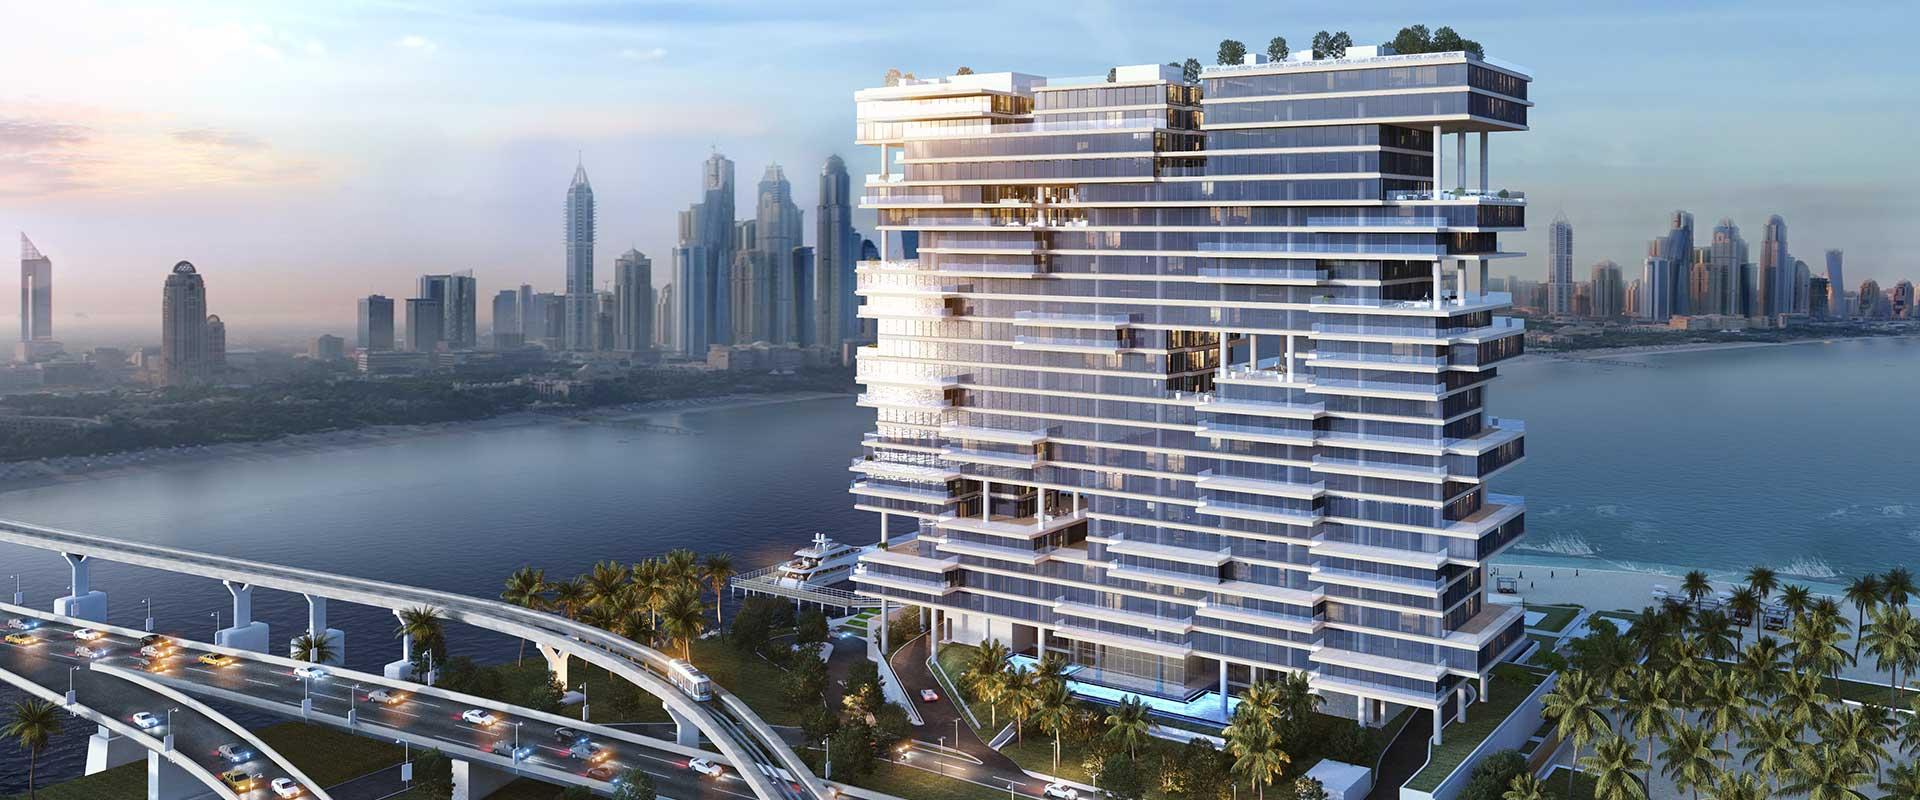 ONE PALM OMNIYAT, Palm Jumeirah, Dubai, UAE – photo 1